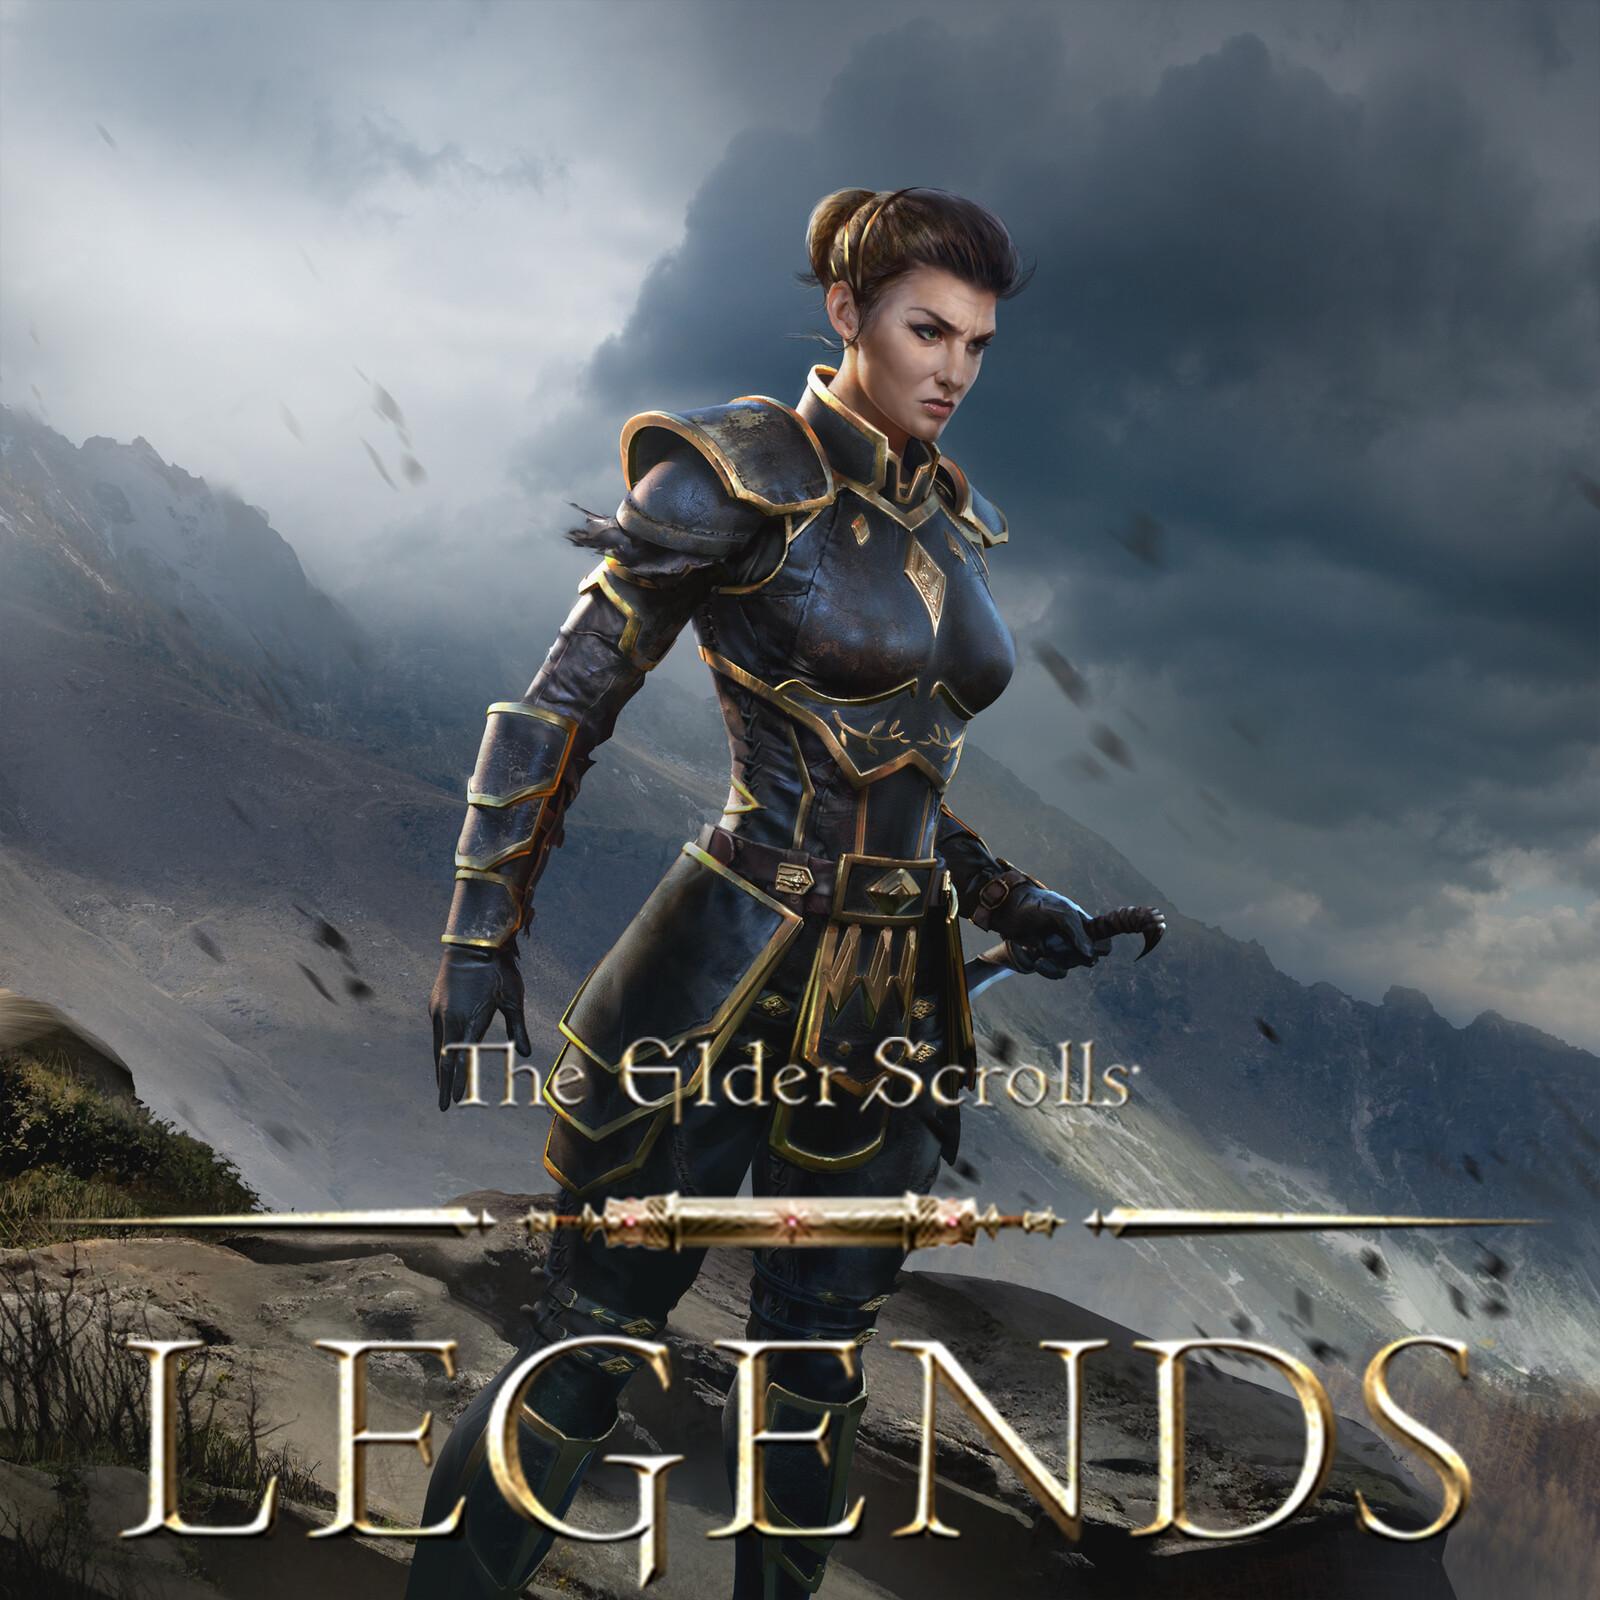 Blademaster Porcia - The Elder Scrolls: Legends